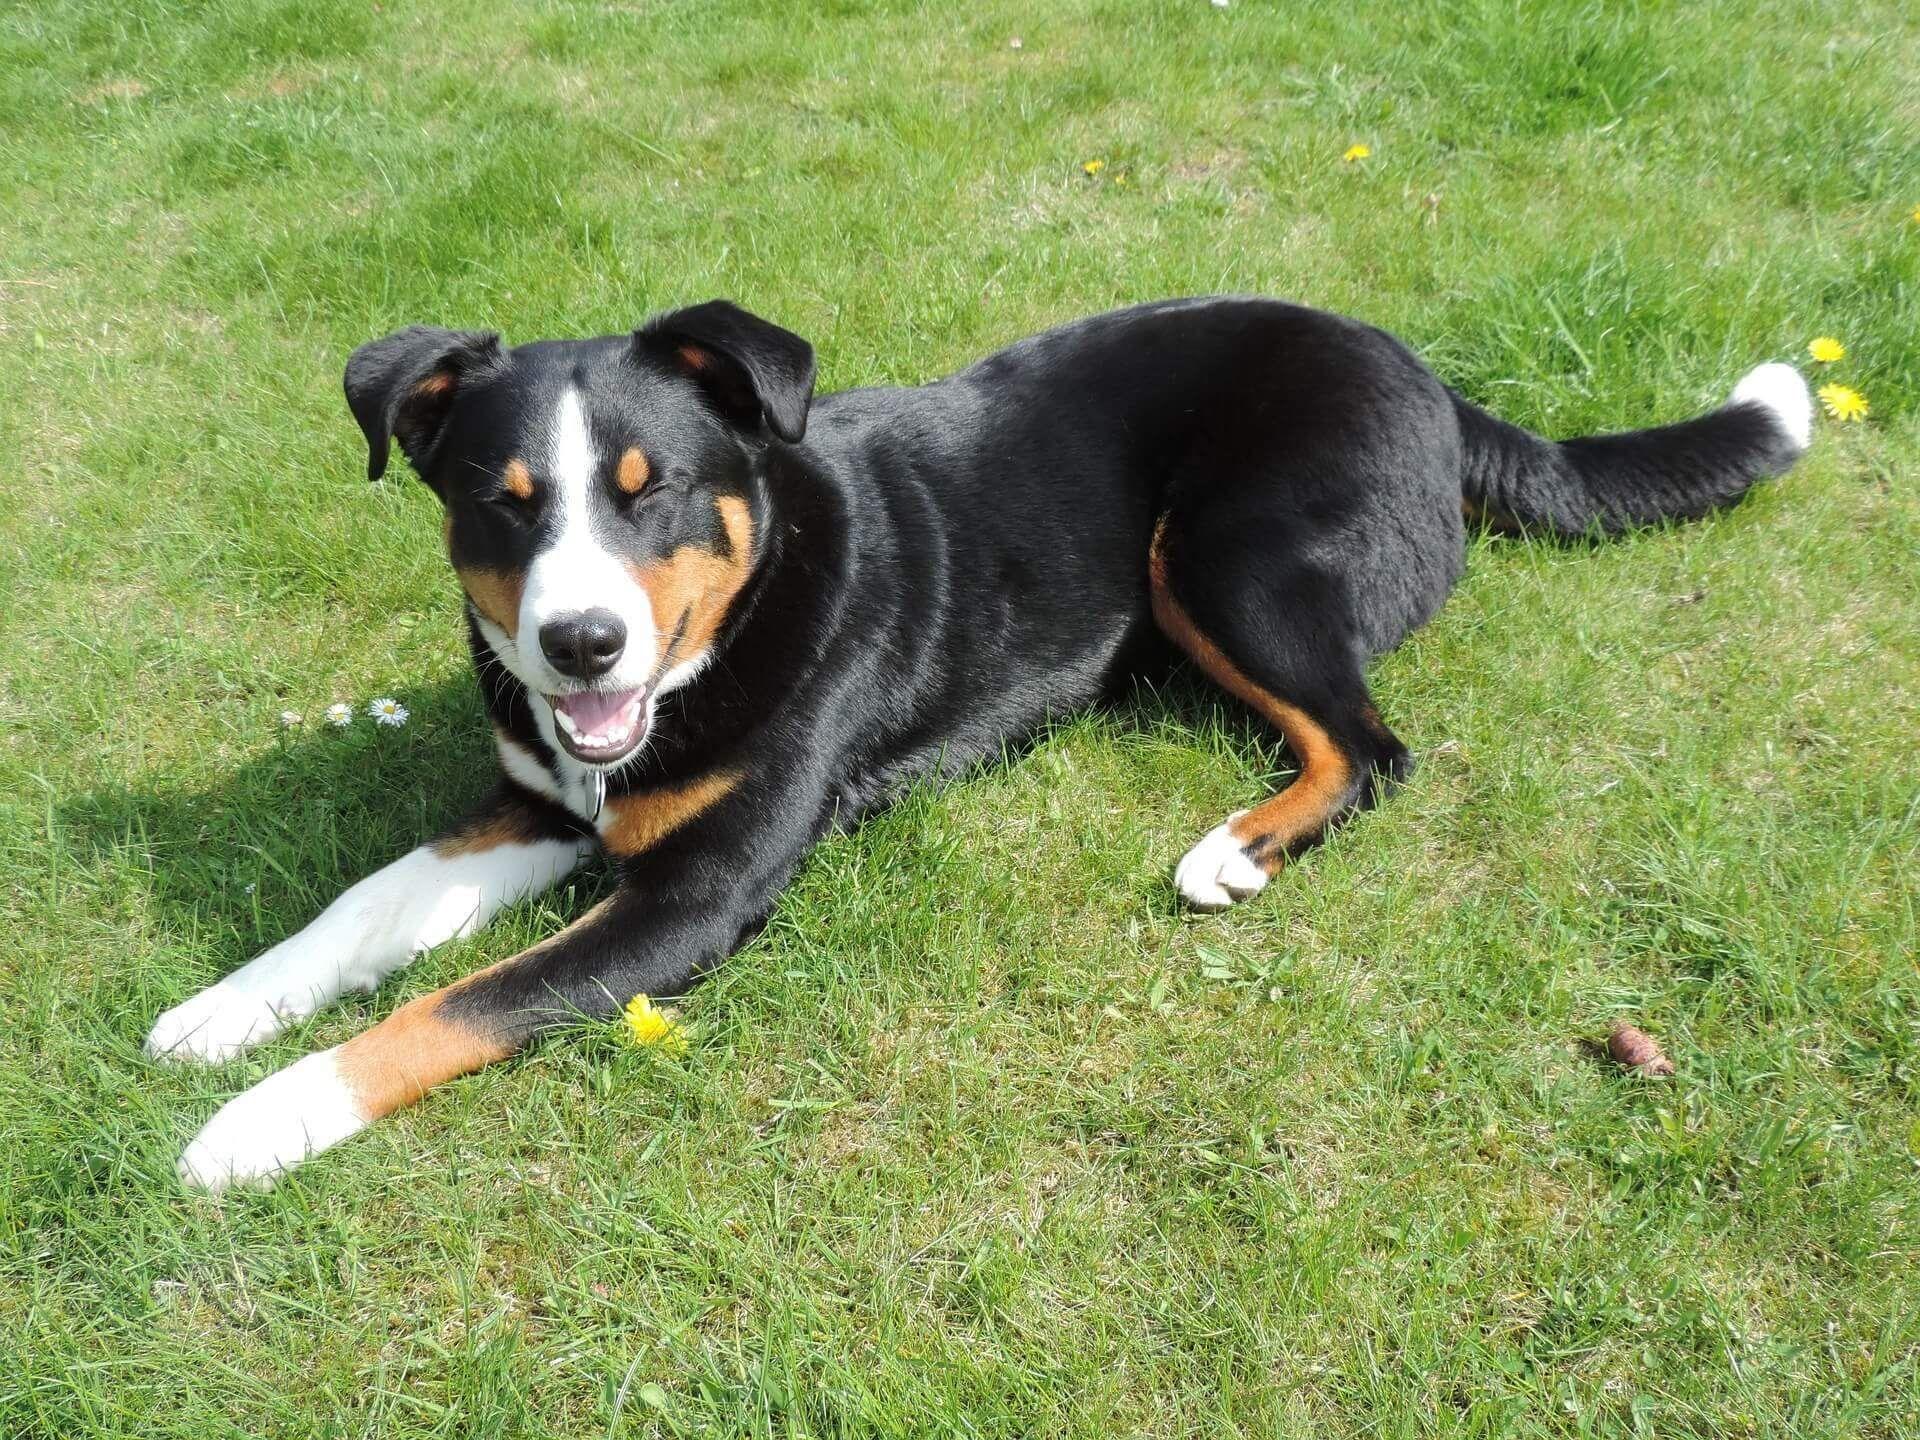 Appenzeller Sennenhund Erziehung Die 7 Besten Tipps In 2020 Sennenhund Hunde Hundchen Training